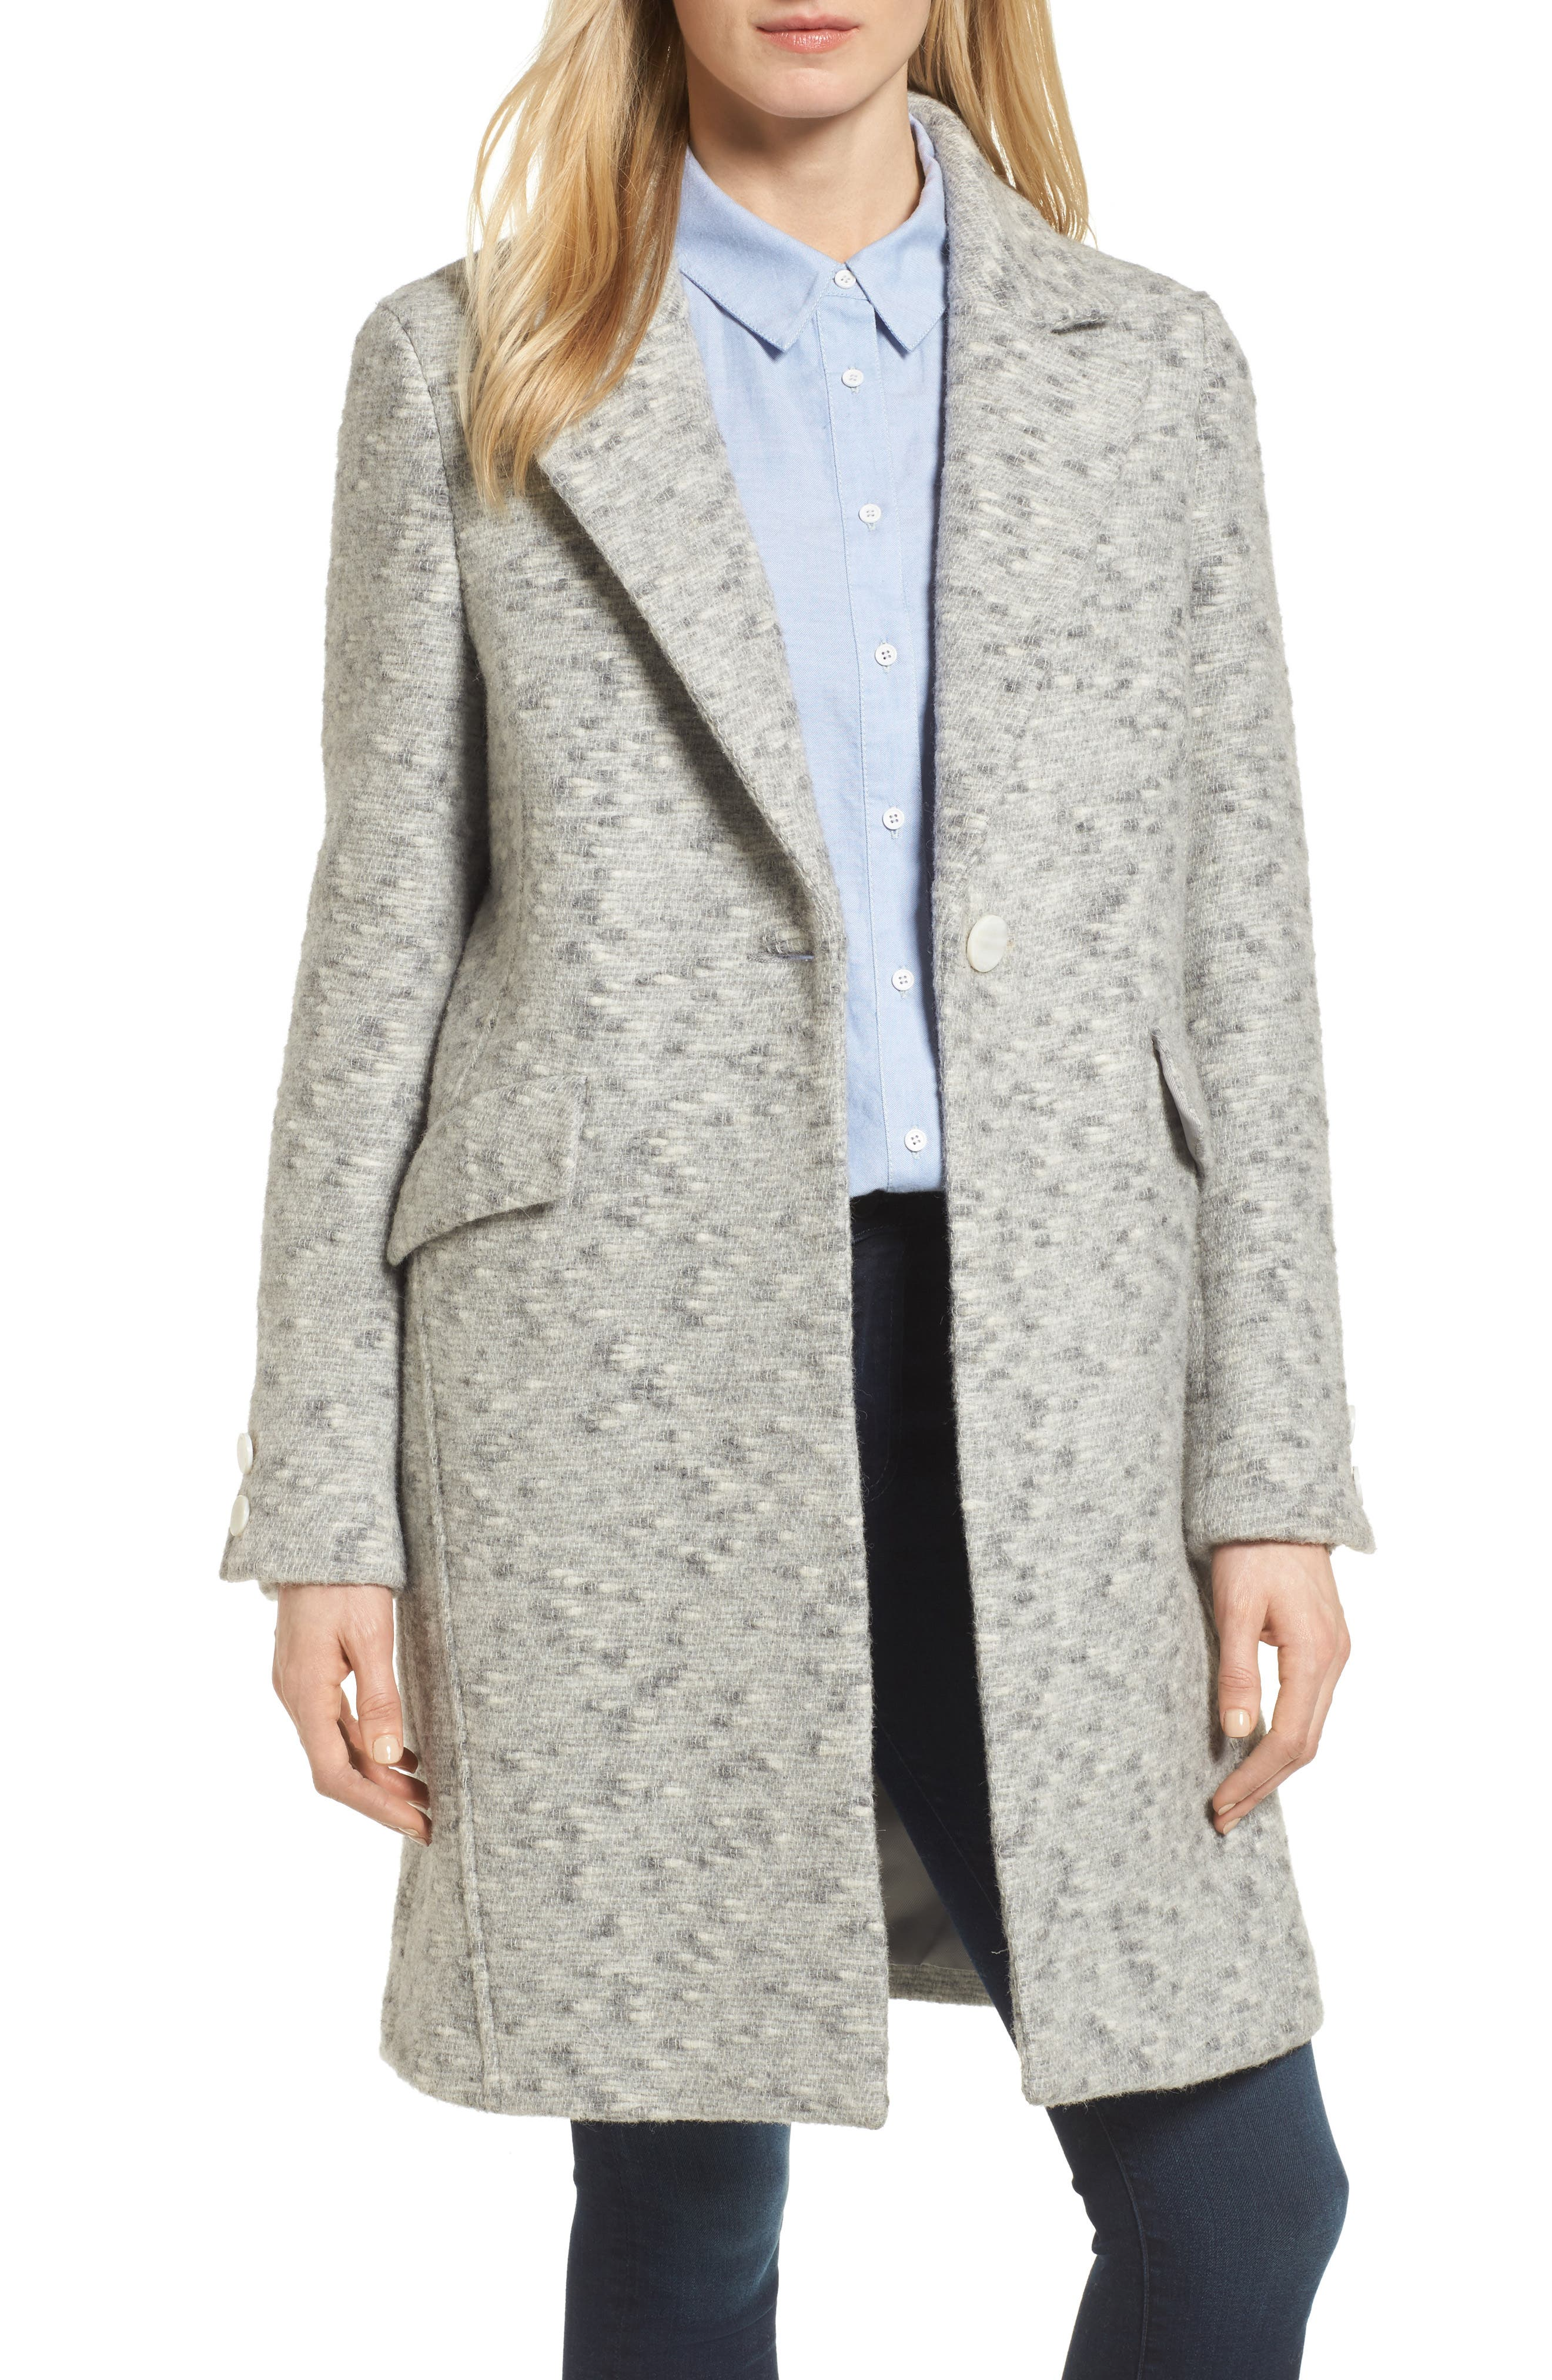 Walking Coat,                         Main,                         color, Grey